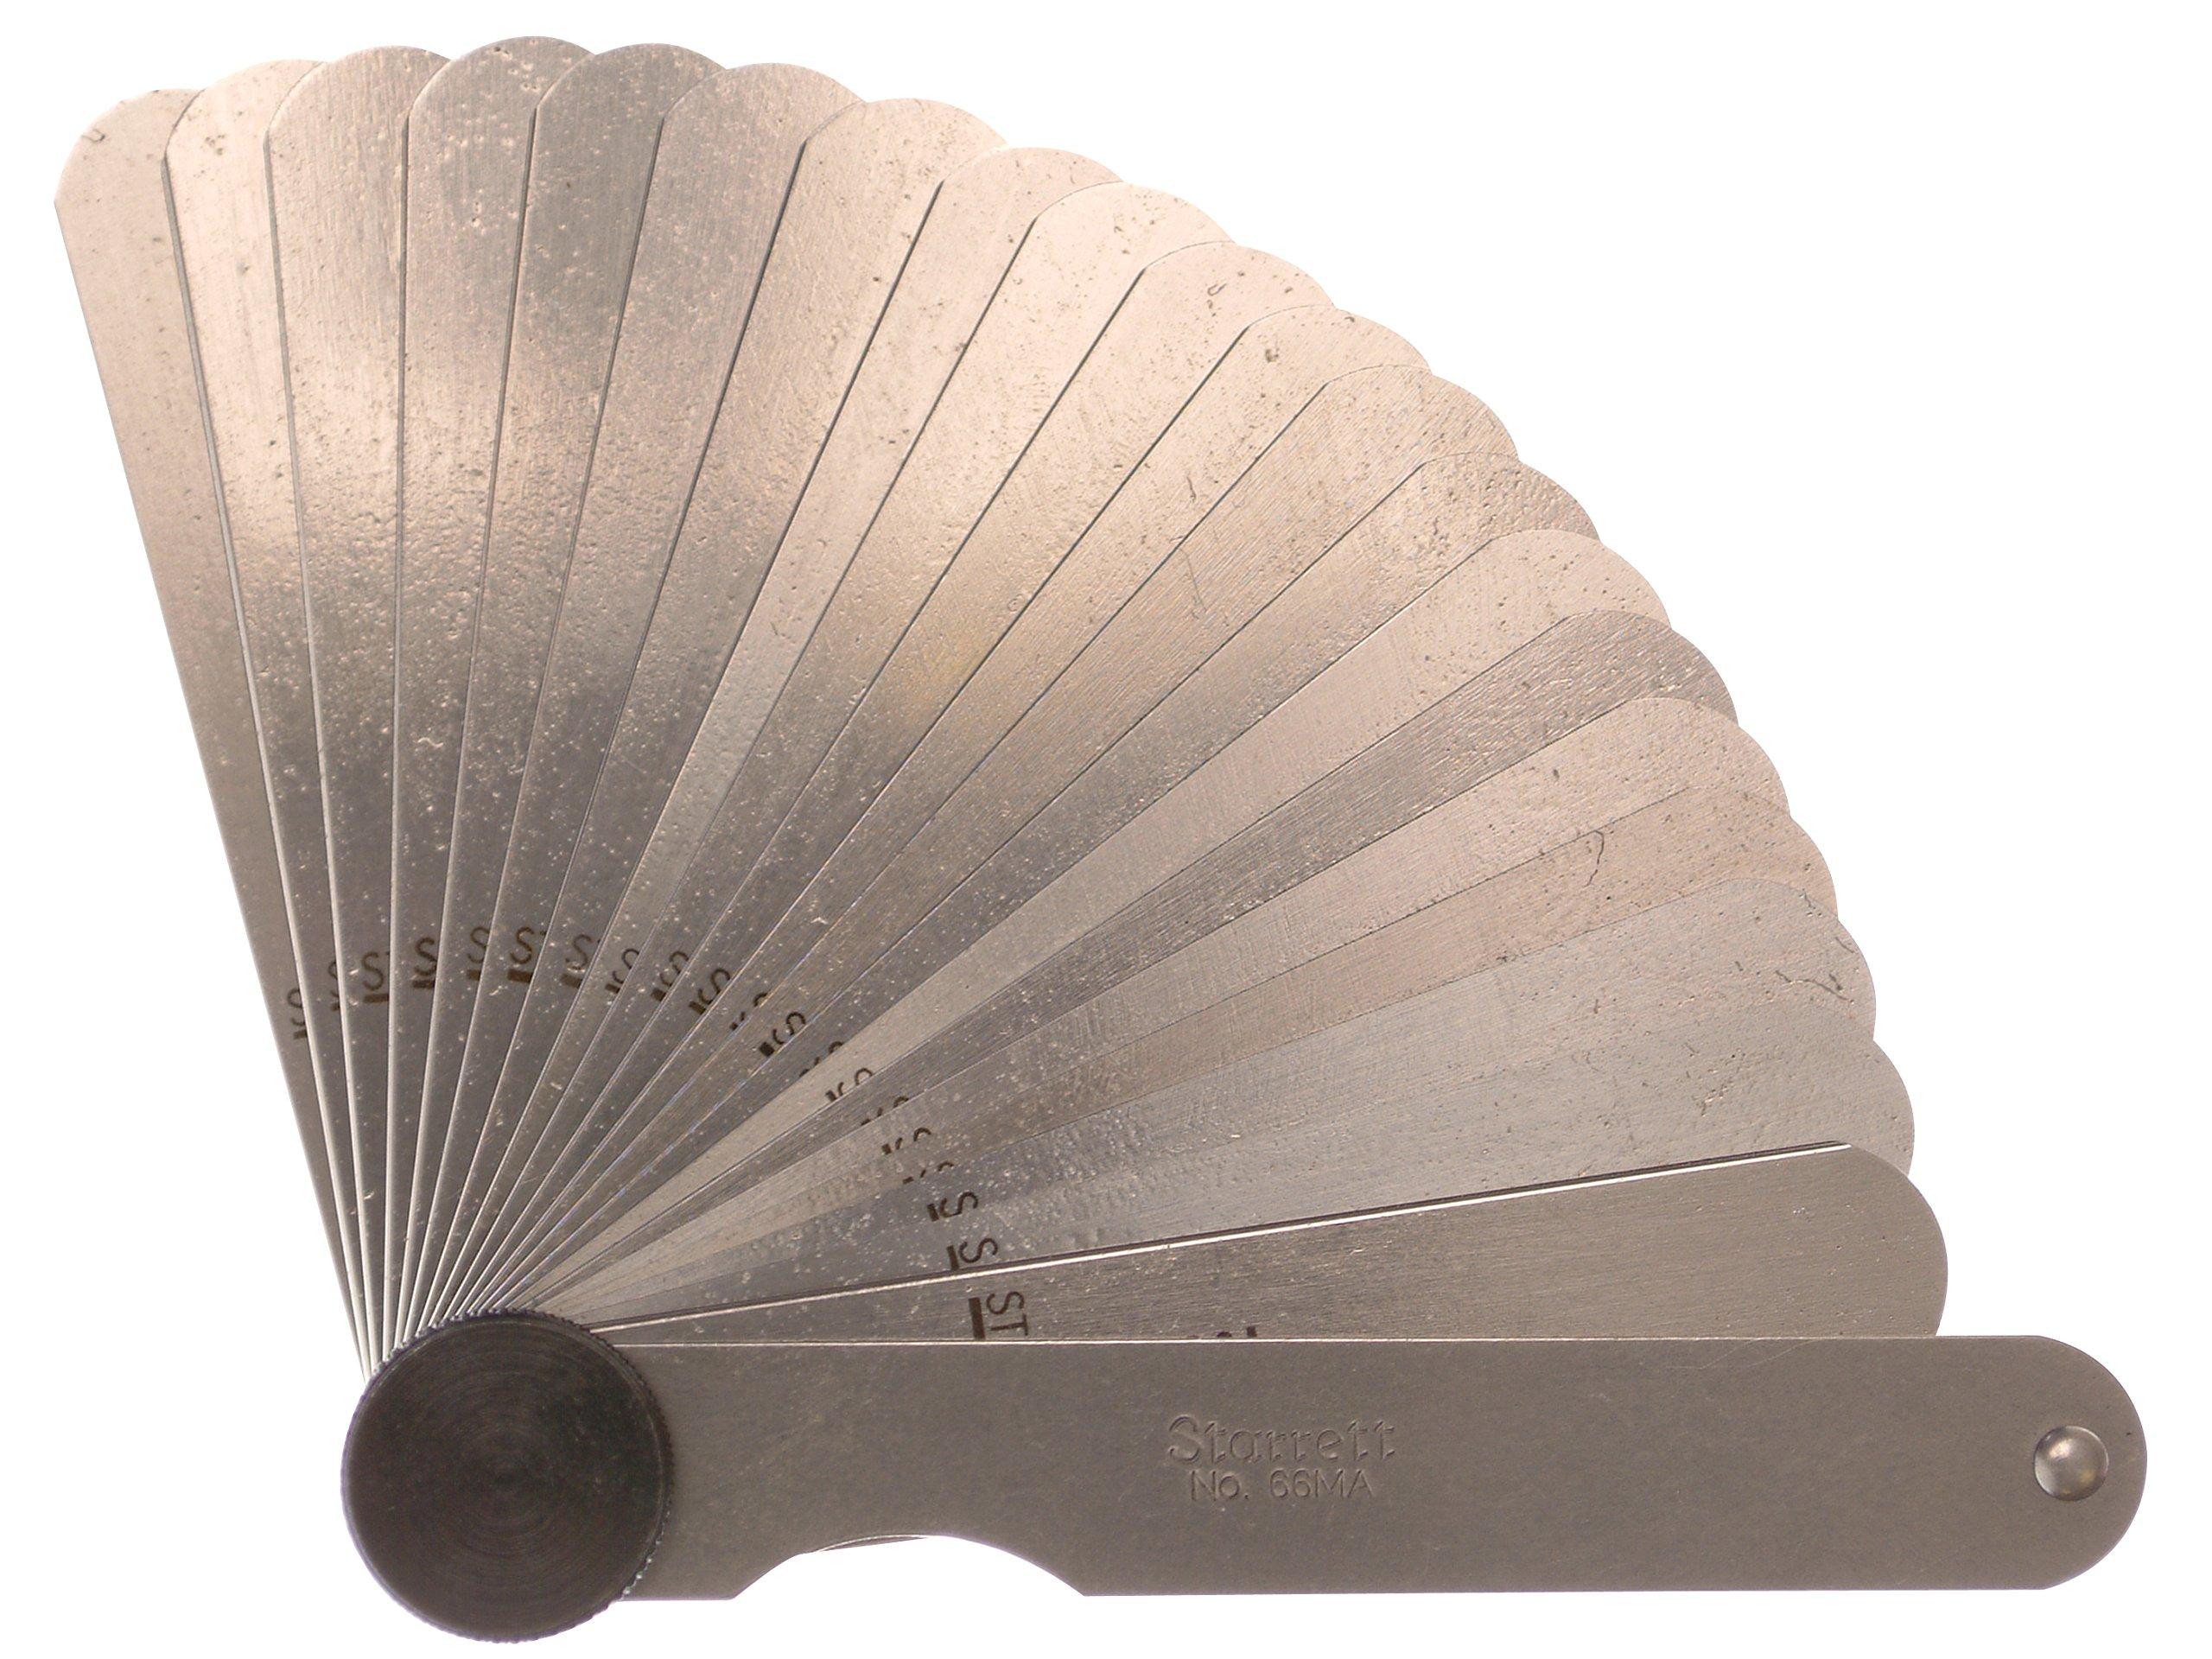 Starrett 66MA - Spessimetro con 20 lame, gamma di misurazione 0,05-1,0 mm